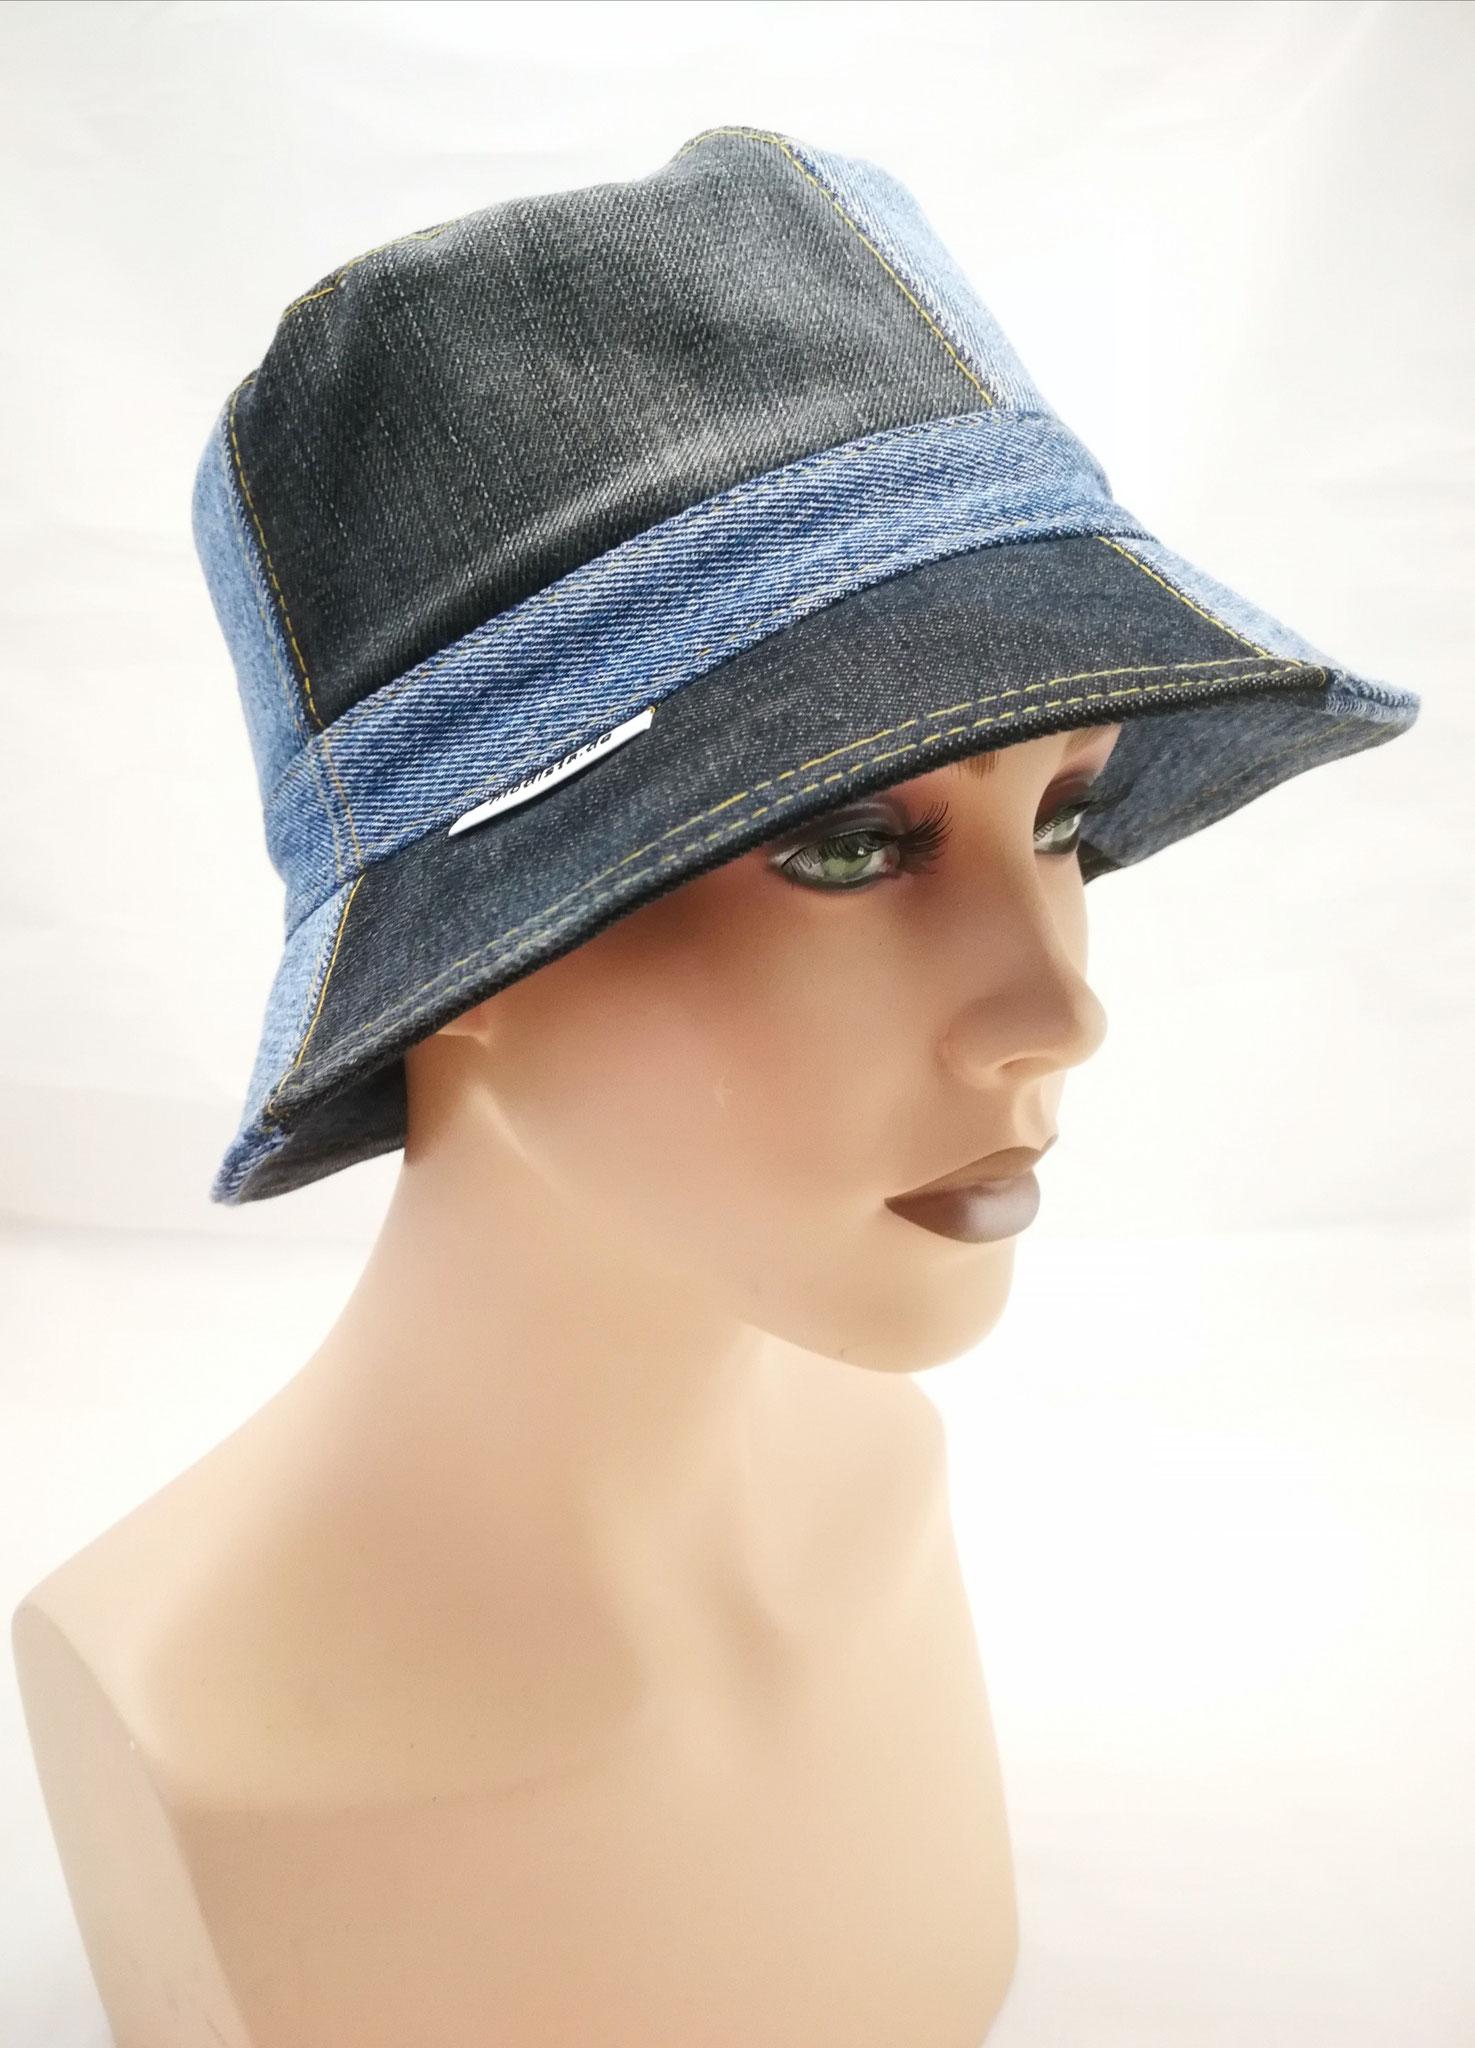 Denim Bucket Hat aus verschiedenen Jeansmaterialien, Manufakturarbeit - bestellbar 79,90 €